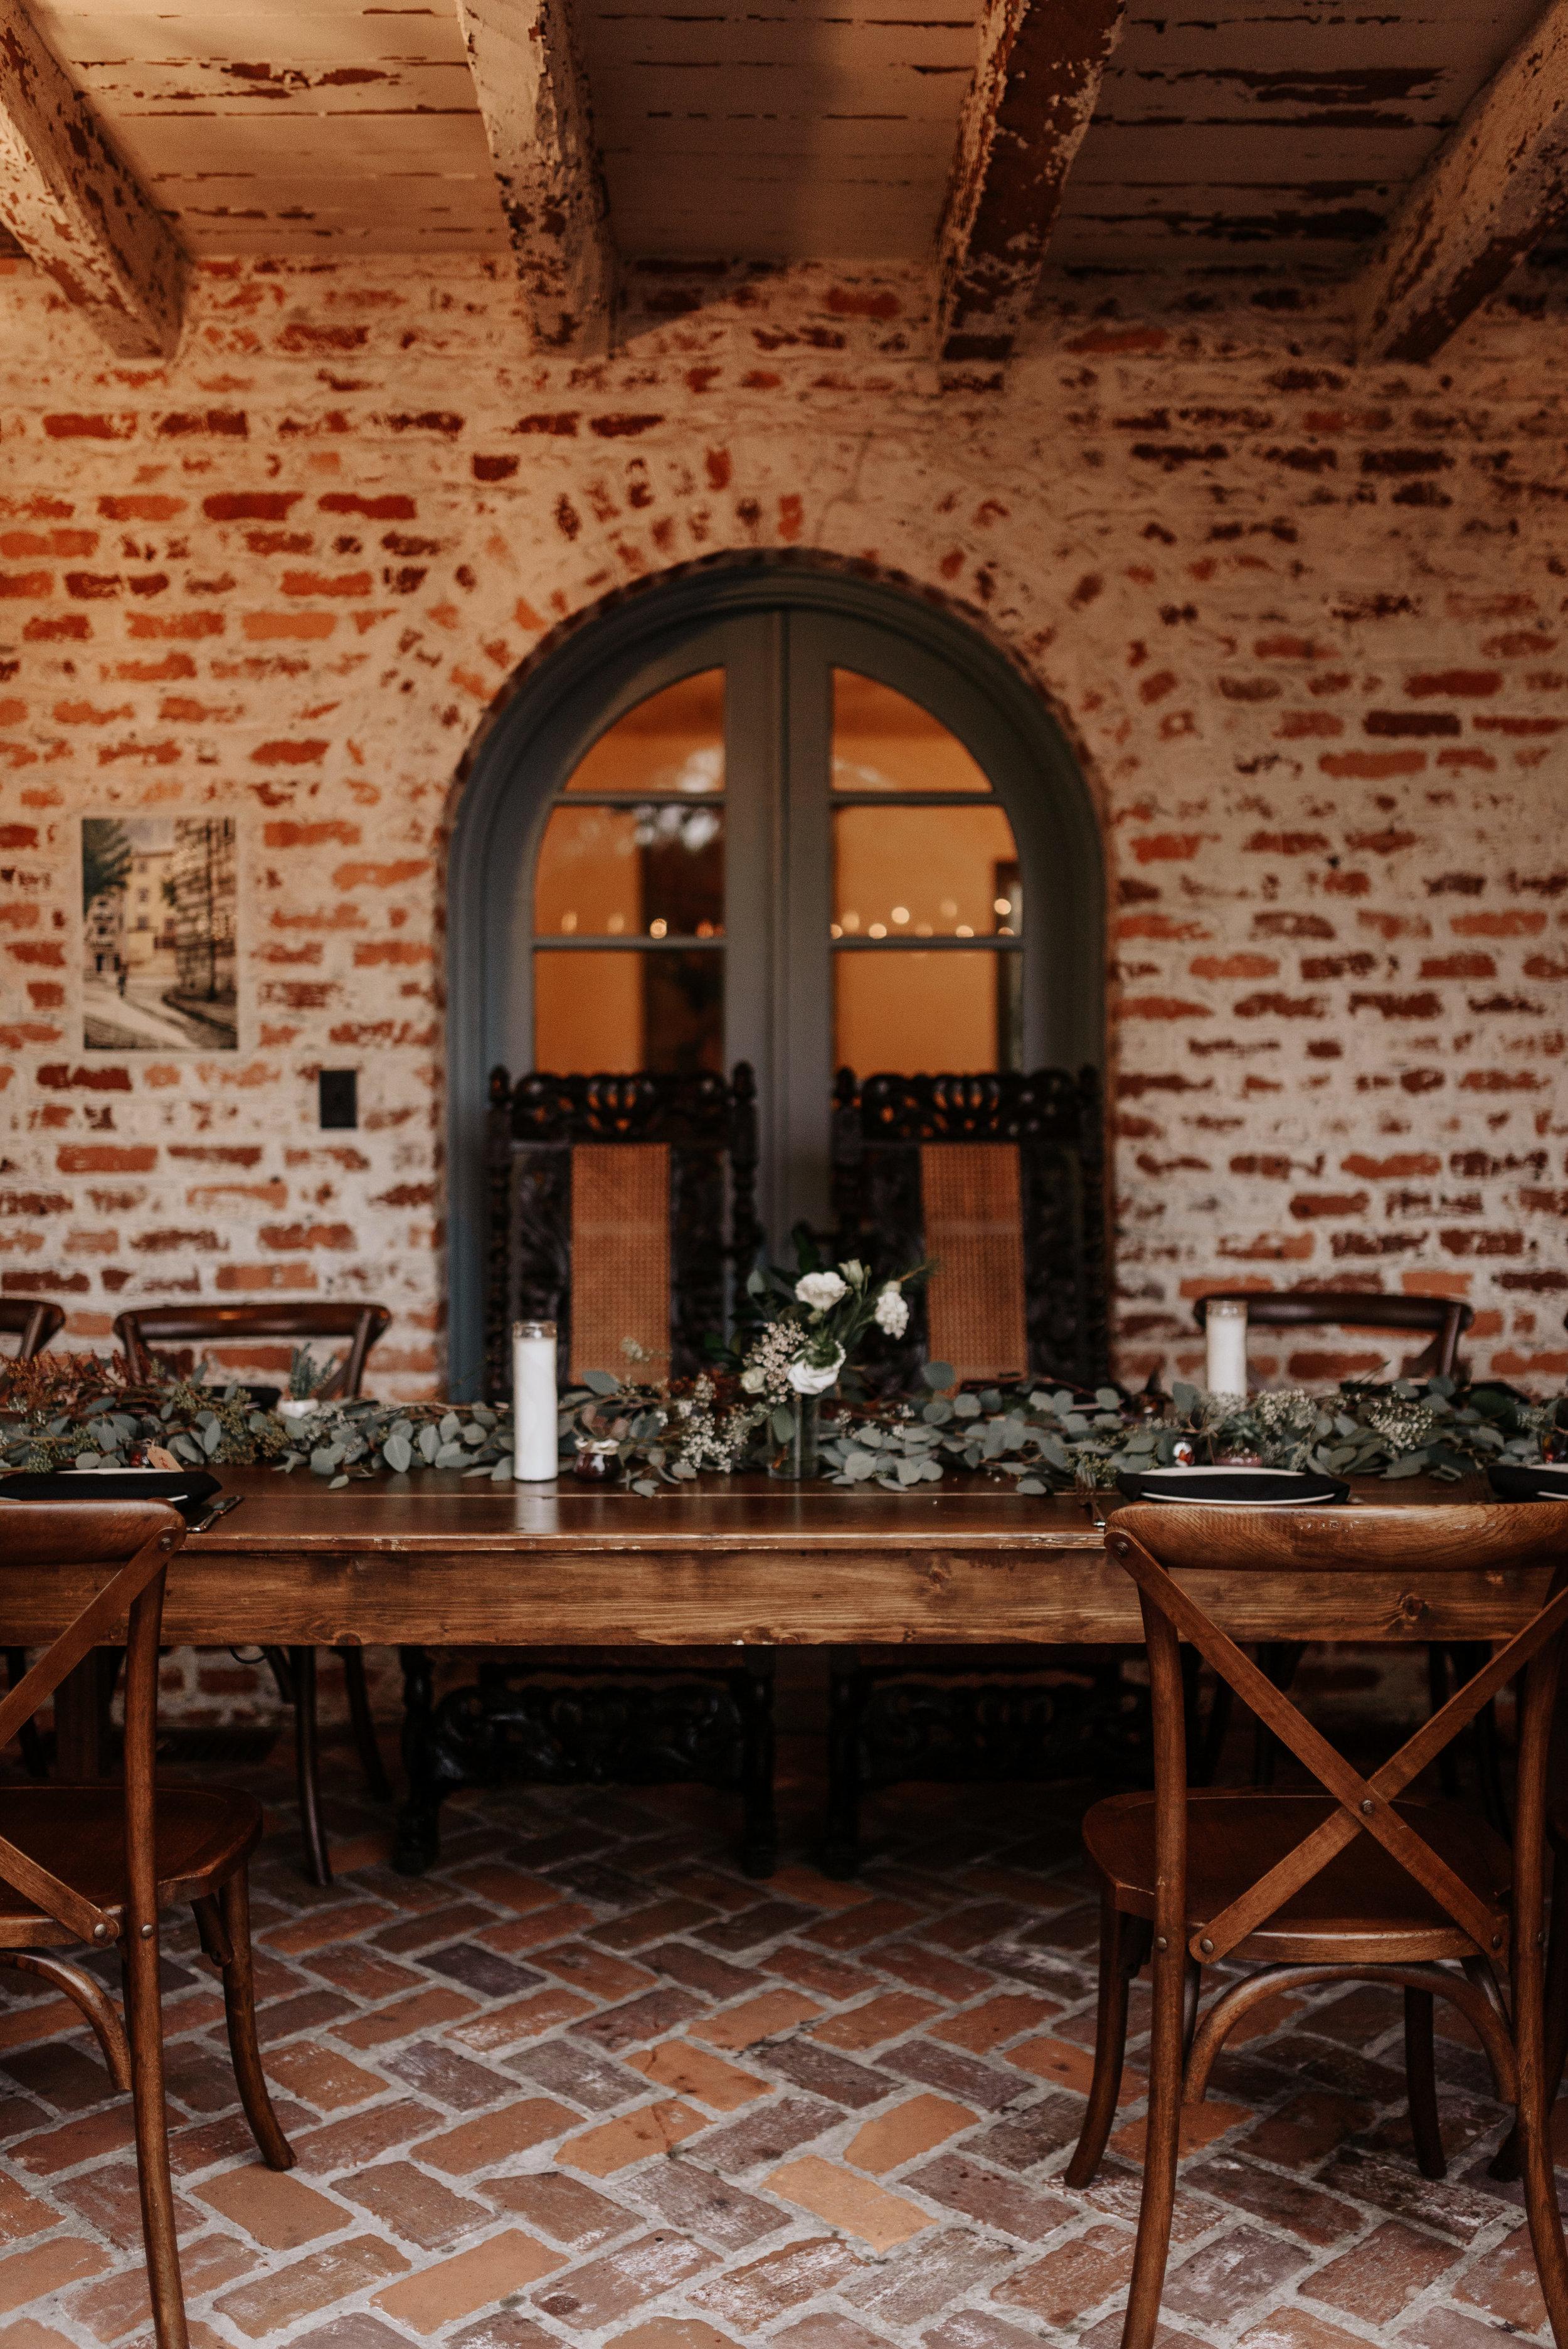 Casa Feliz Weddings, Casa Feliz Historic Home and Venue, Winter Park Weddings, Orlando Weddings, Casa Feliz, Orlando Wedding Photographer, Orlando Wedding Photography